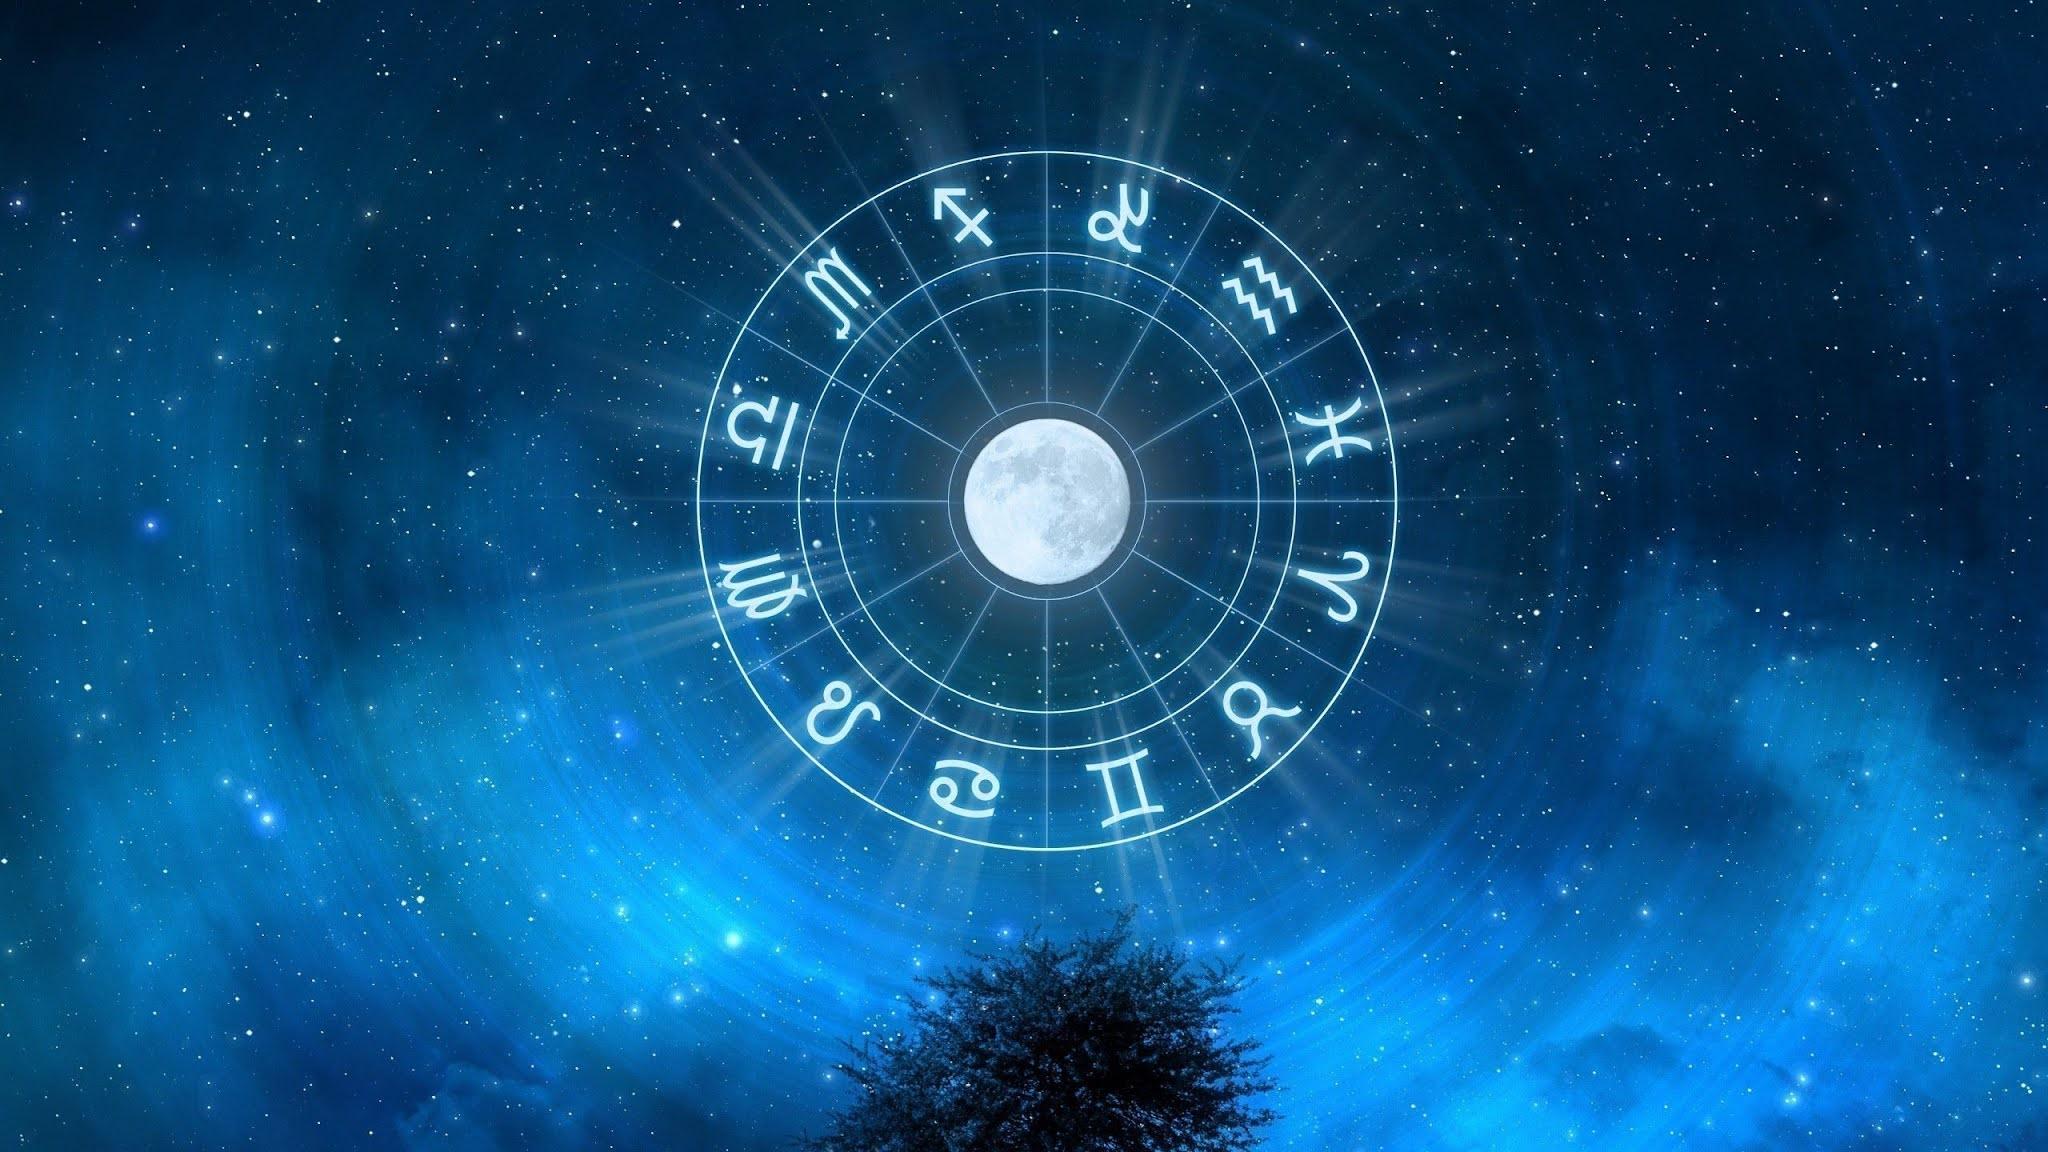 Simak! Pesona yang Dimiliki Seseorang Berdasarkan Zodiak